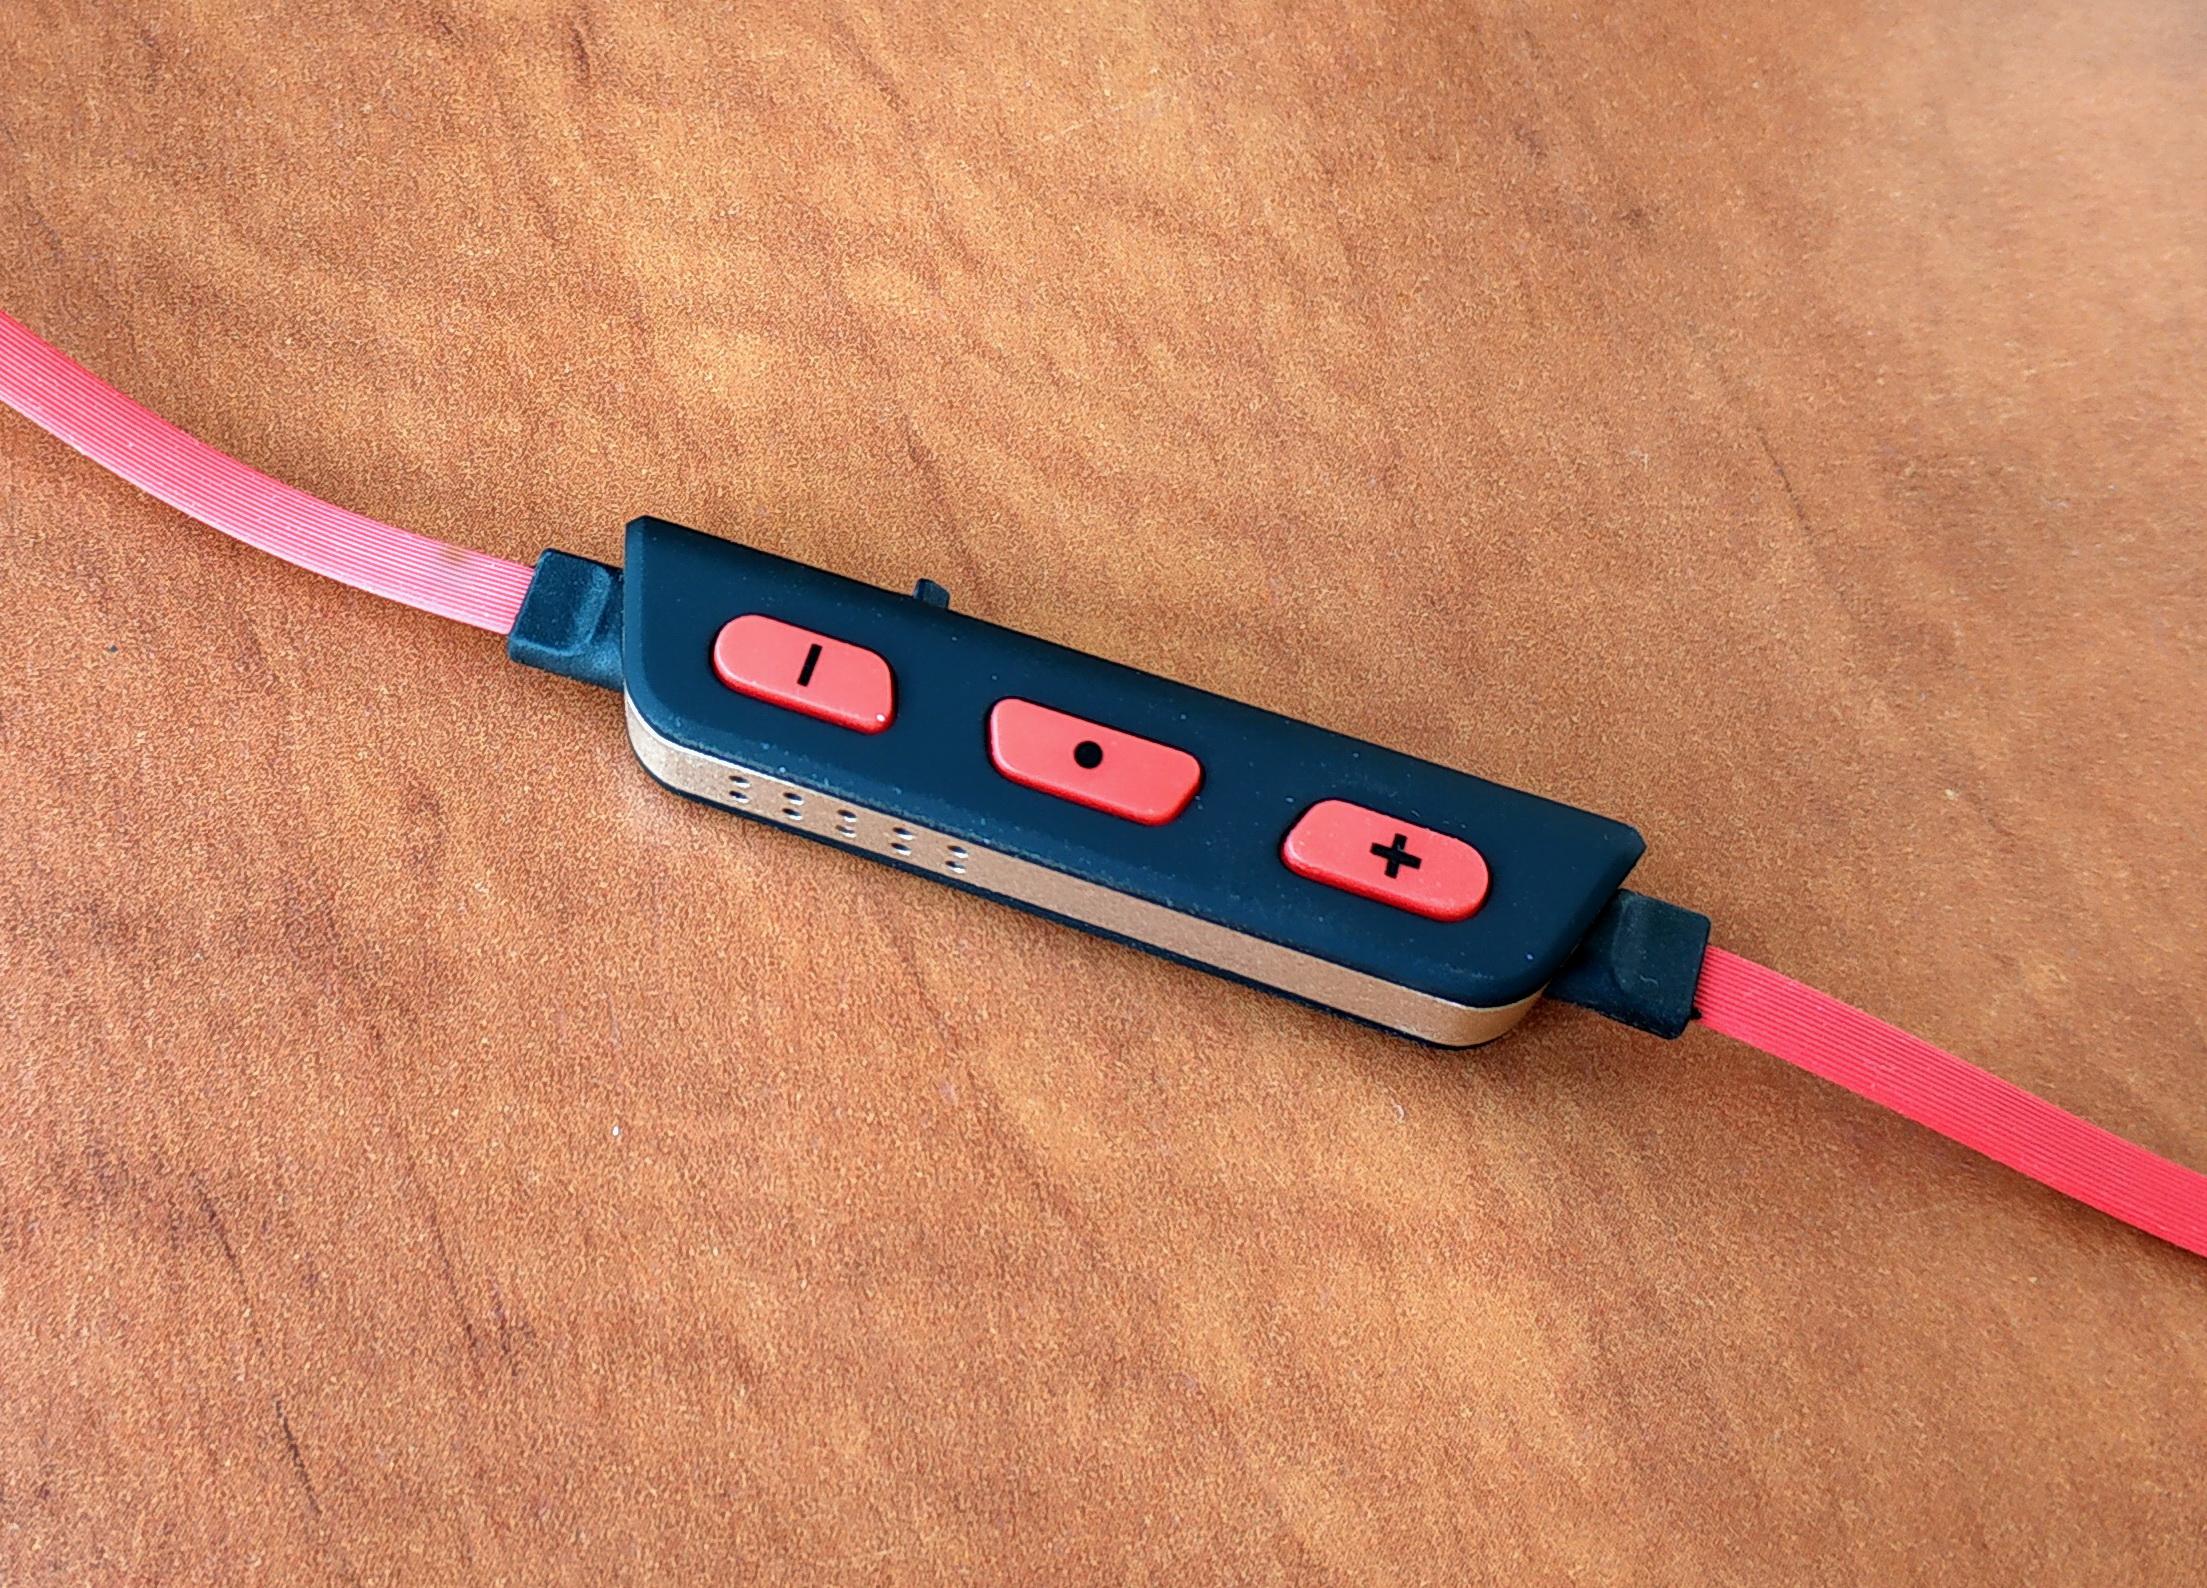 Блок керування має регулятор гучності, який також можна застосувати для переходу з треку на трек, та кнопку прийому/відхилення виклику